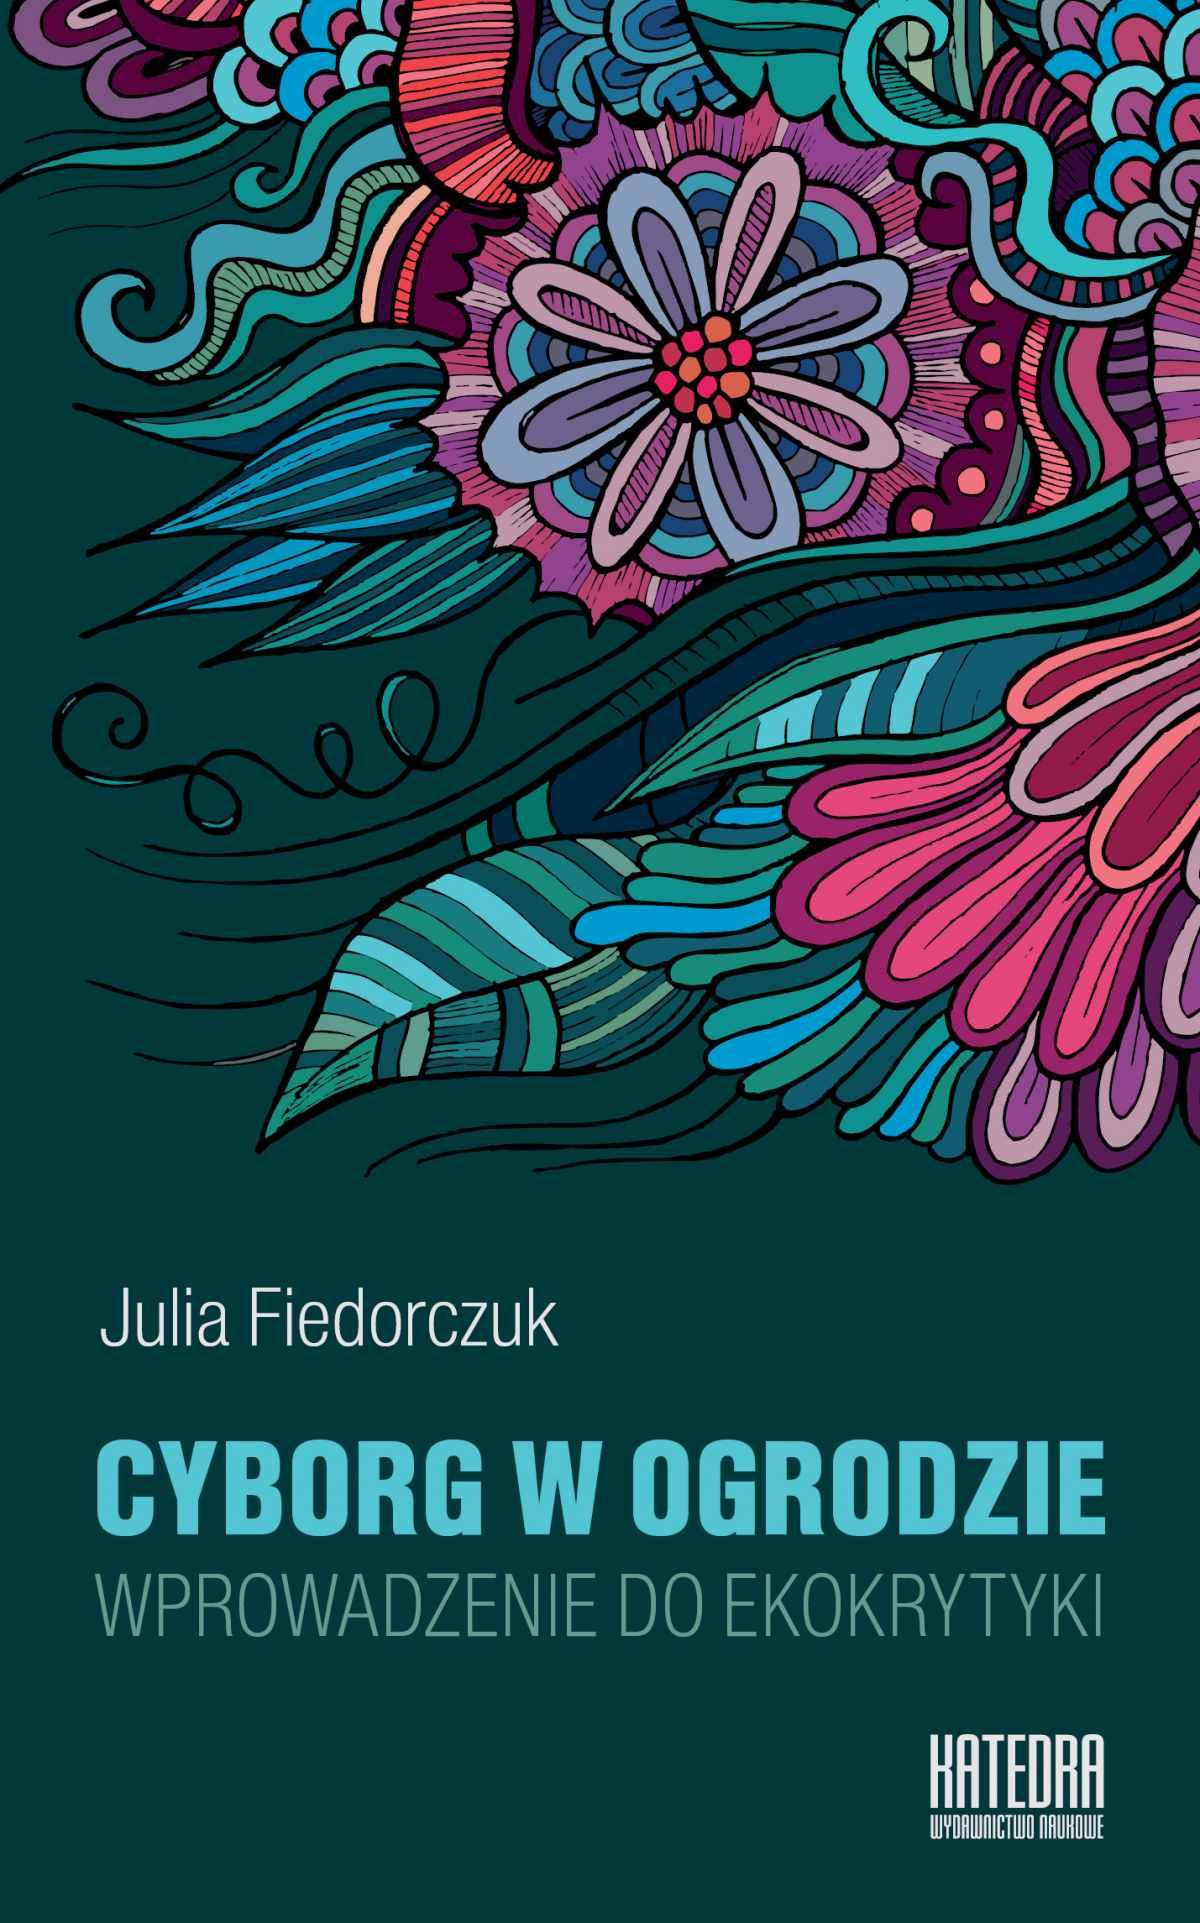 Cyborg w ogrodzie. Wprowadzenie do ekokrytyki - Ebook (Książka EPUB) do pobrania w formacie EPUB